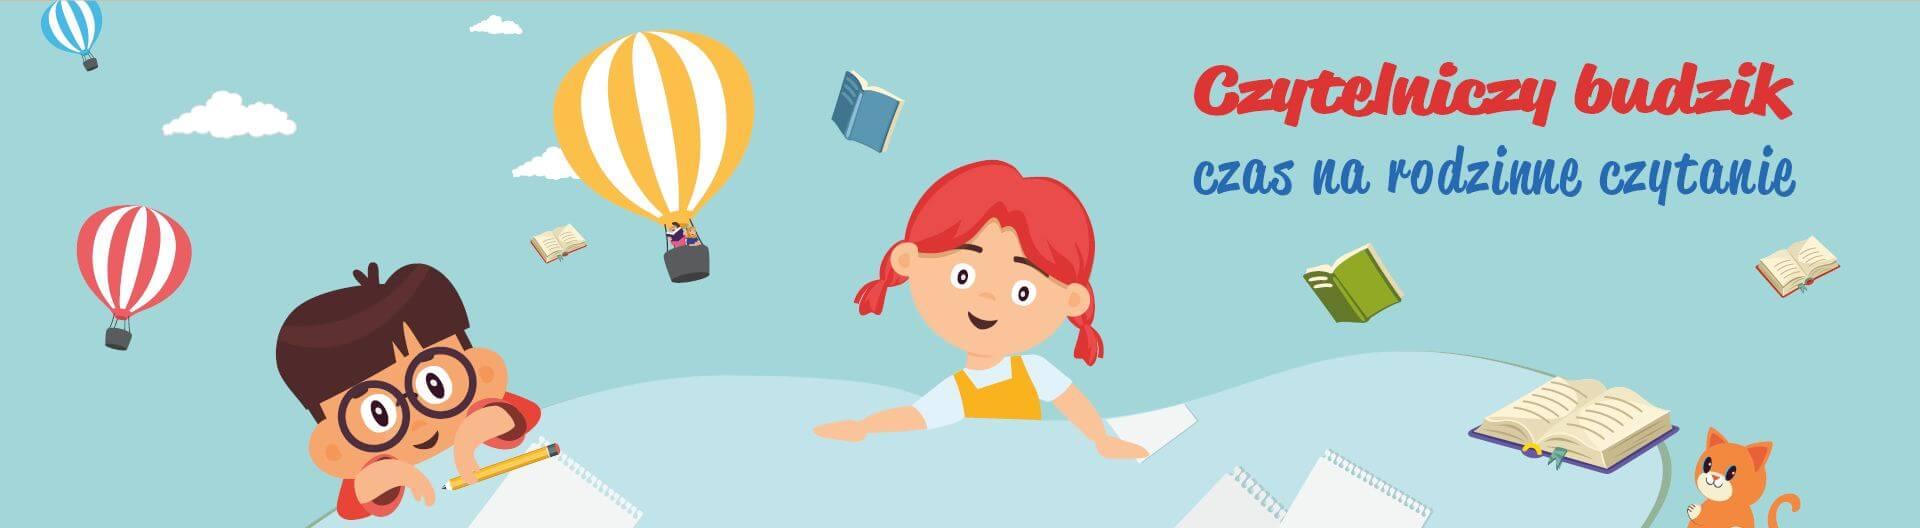 Na obrazku roześniami dziewczynka i chłopiec, a w tle latający balon i książki